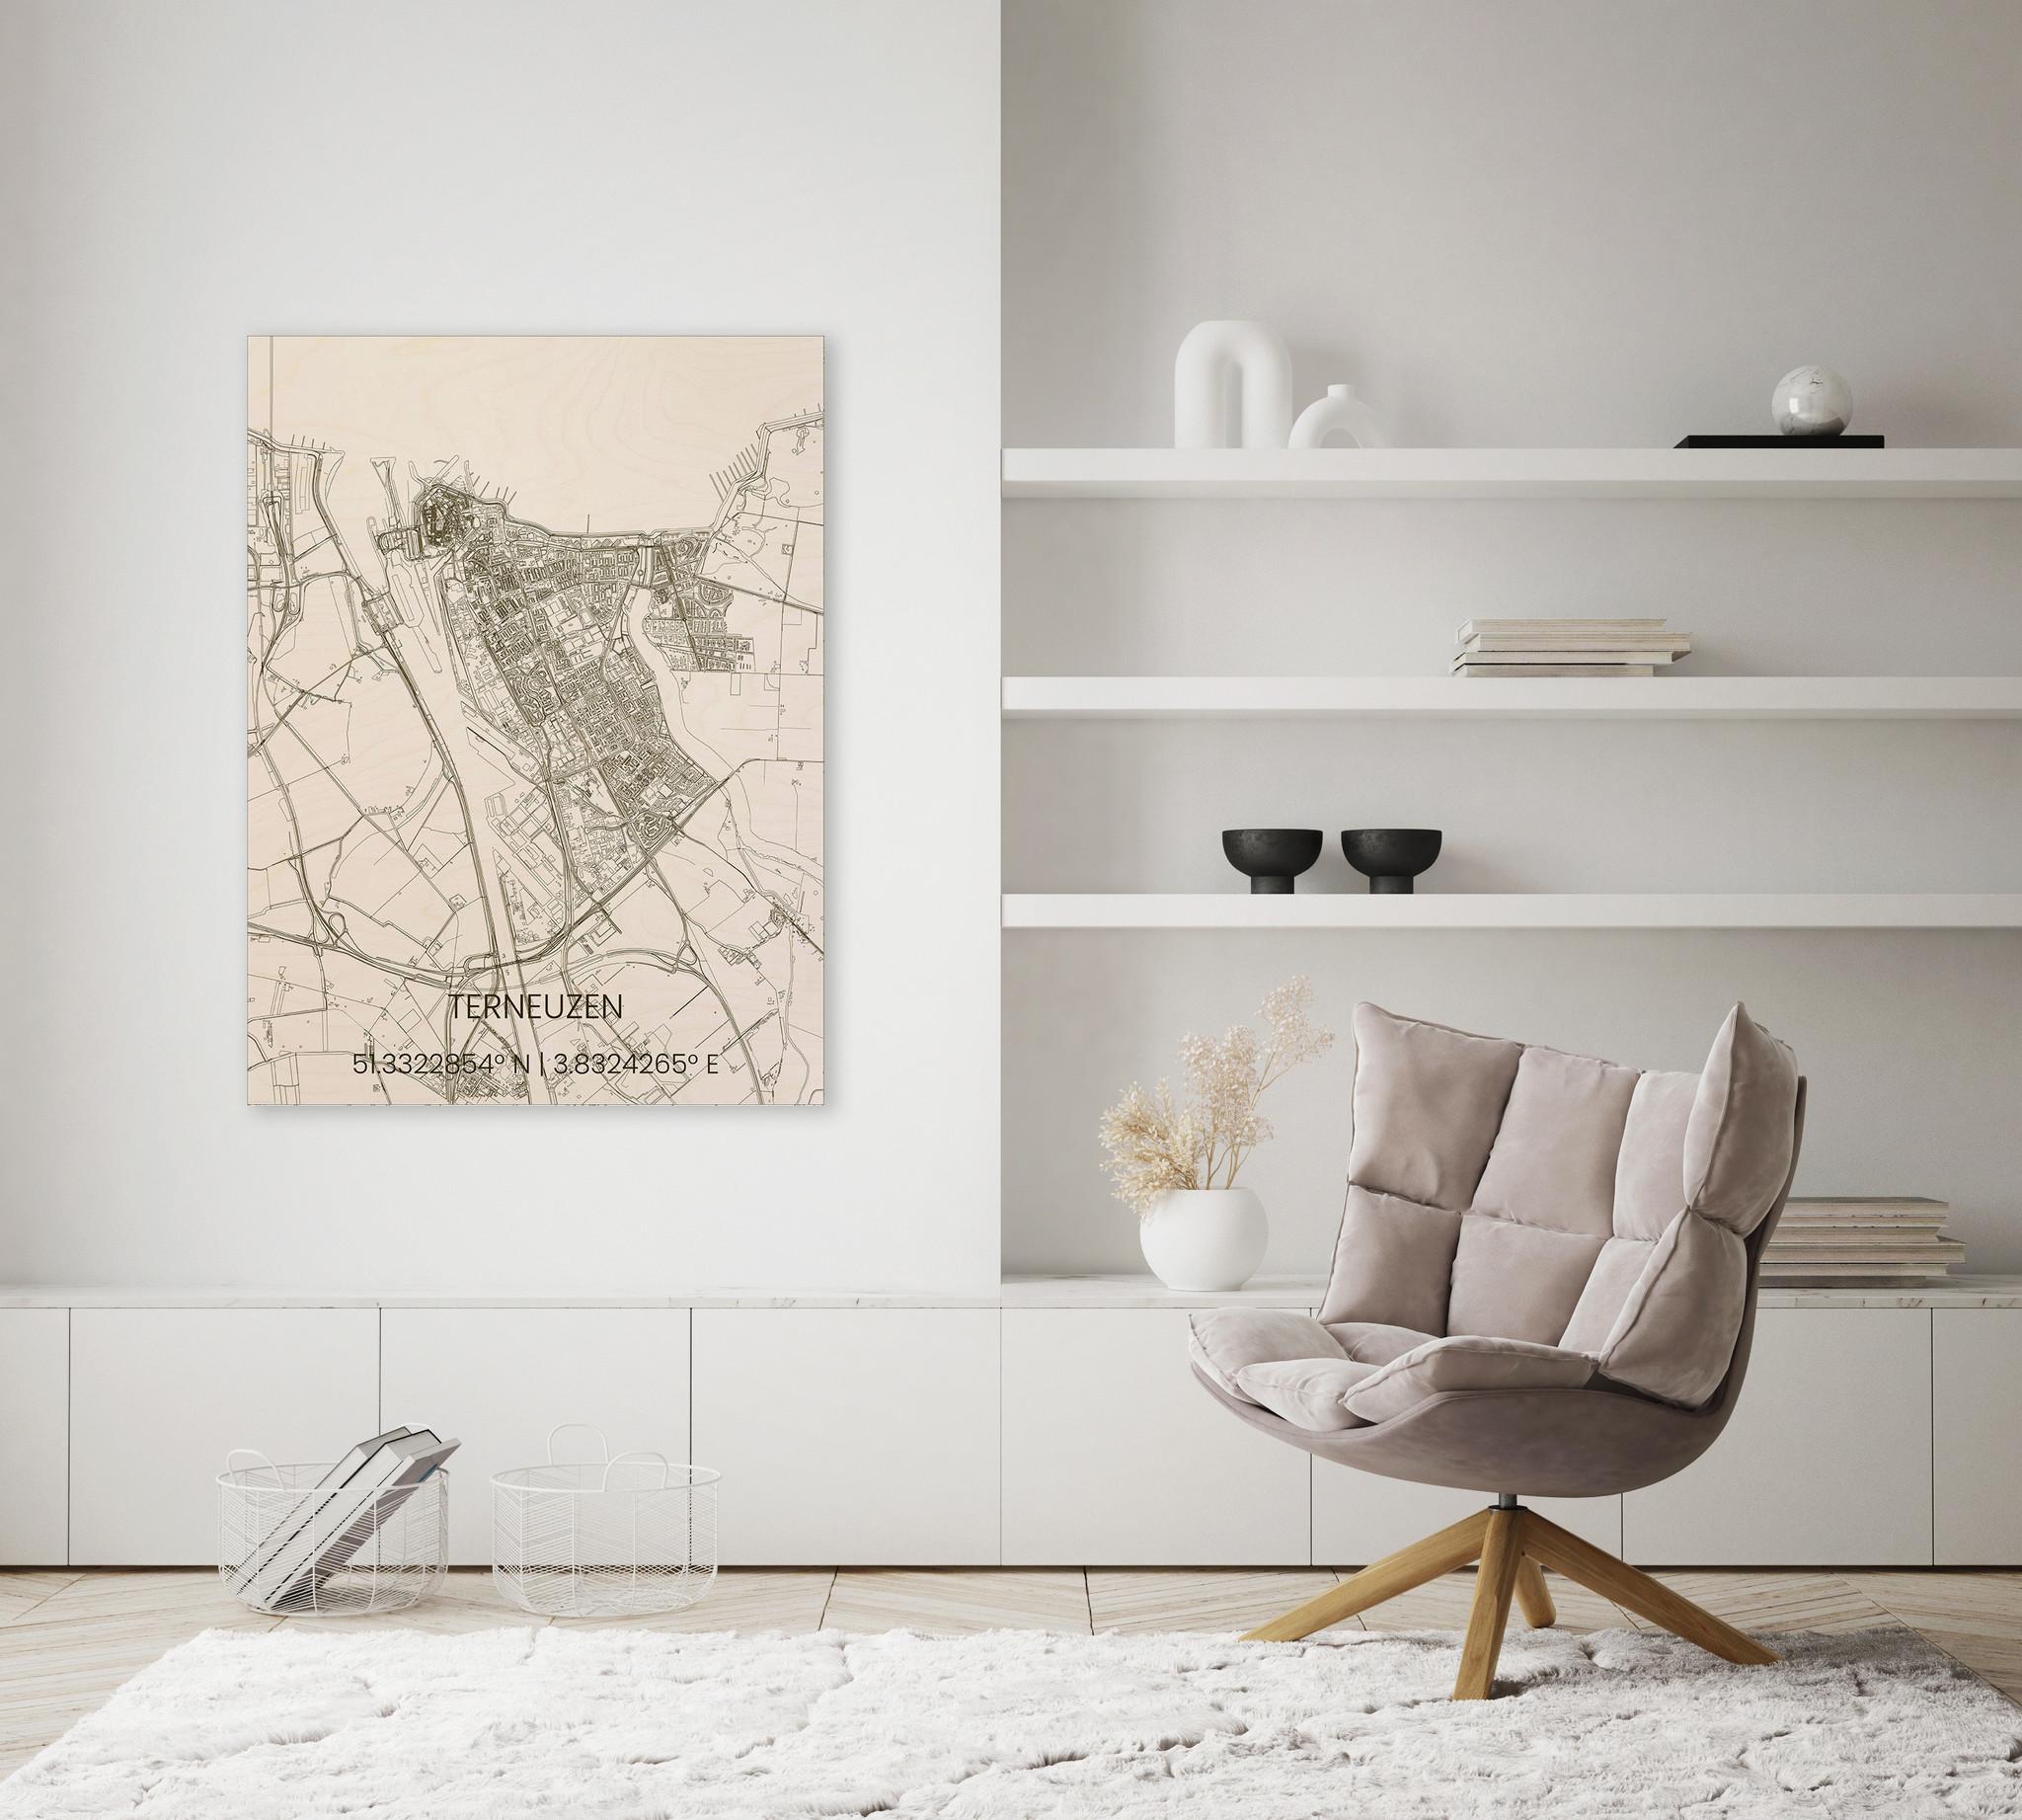 Houten stadsplattegrond Terneuzen-2